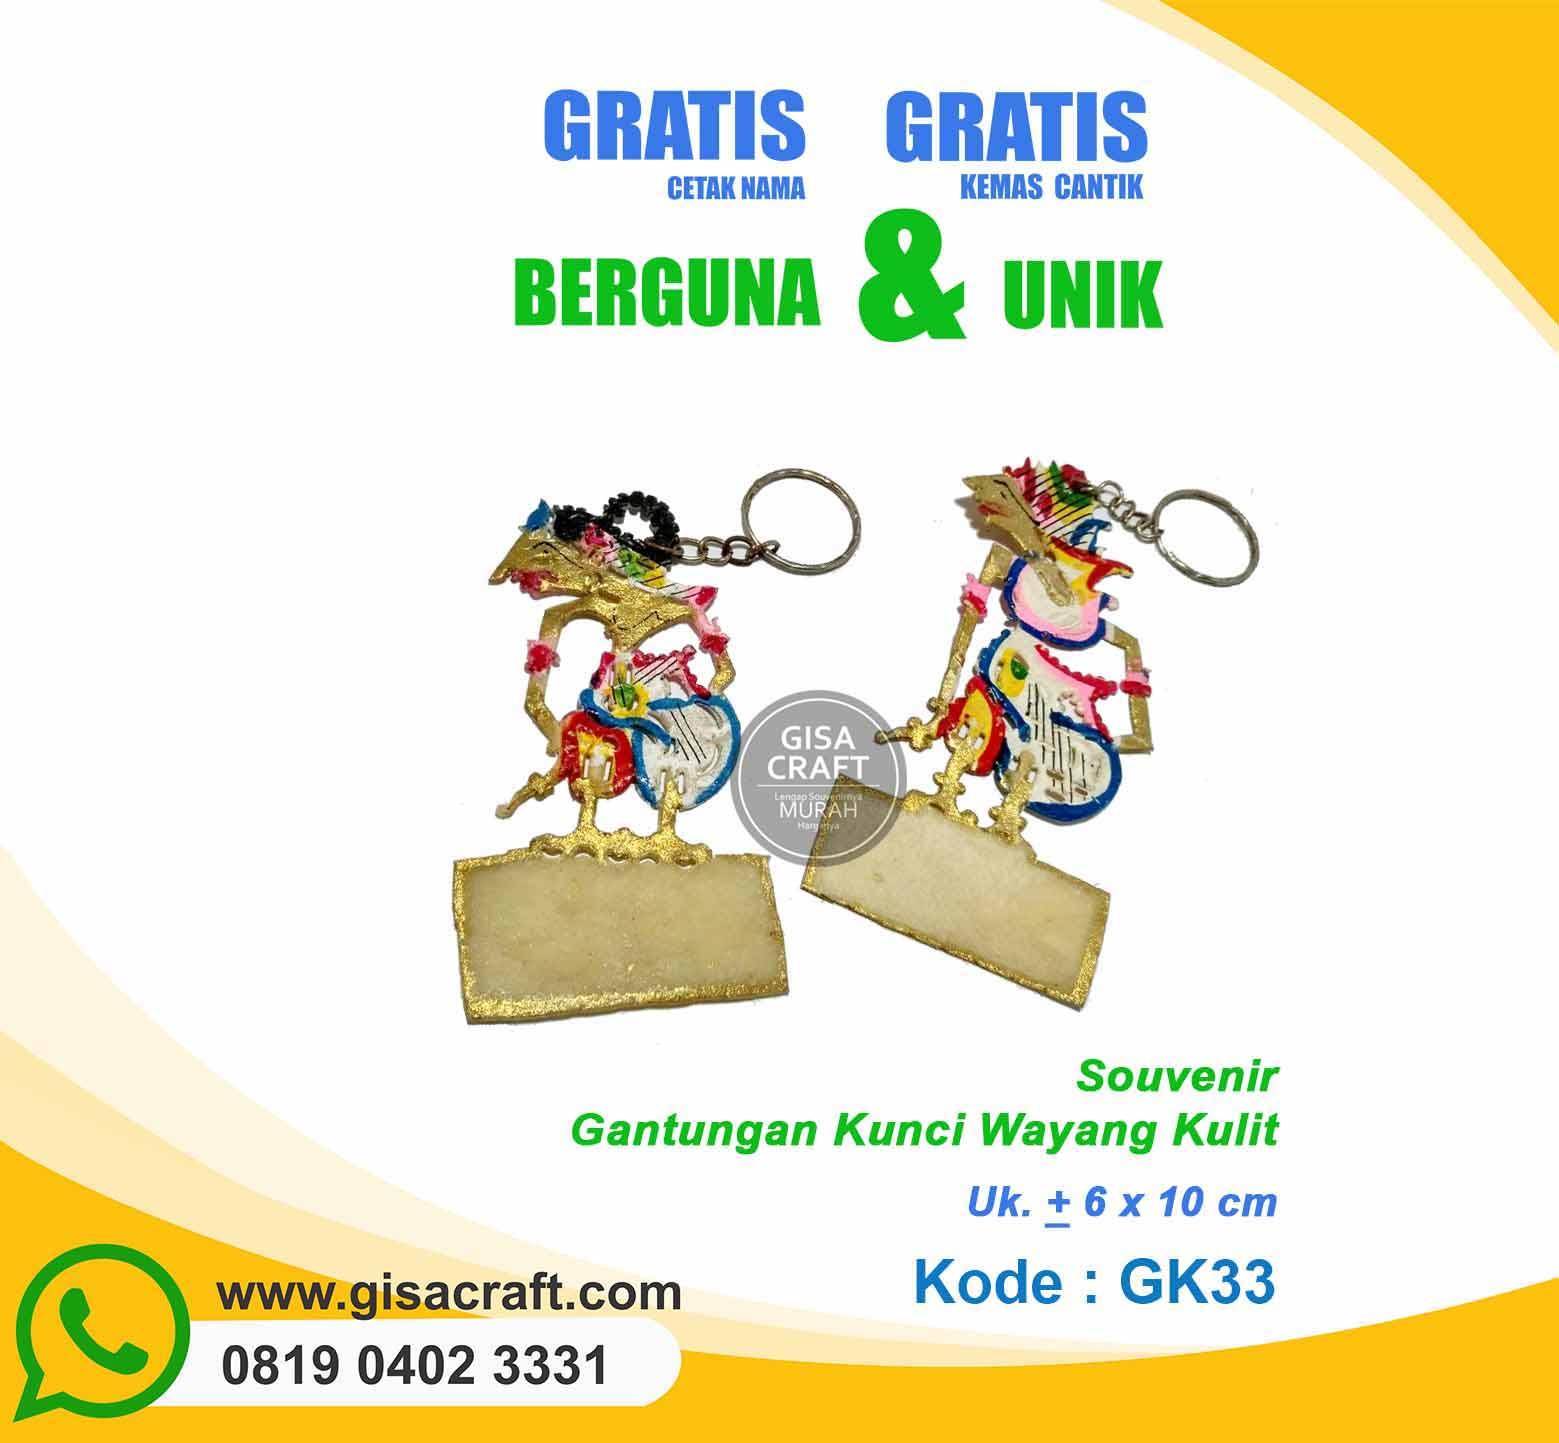 Souvenir Gantungan Kunci Wayang Kulit GK33